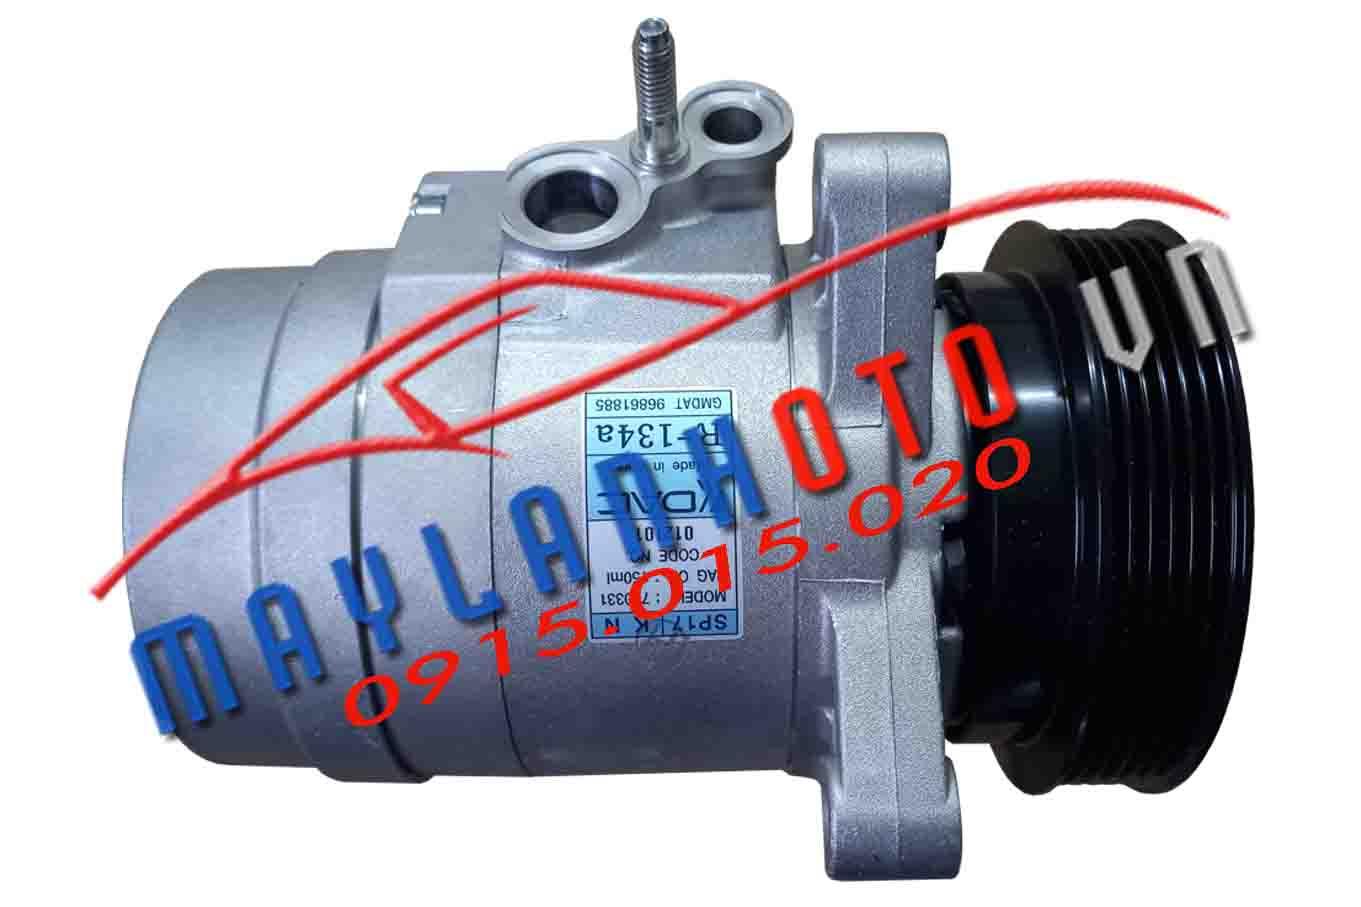 Captiva máy xăng / Lốc lạnh điều hòa Chevrolet Captiva máy xăng / Máy nén khí Chevrolet Captiva máy xăng